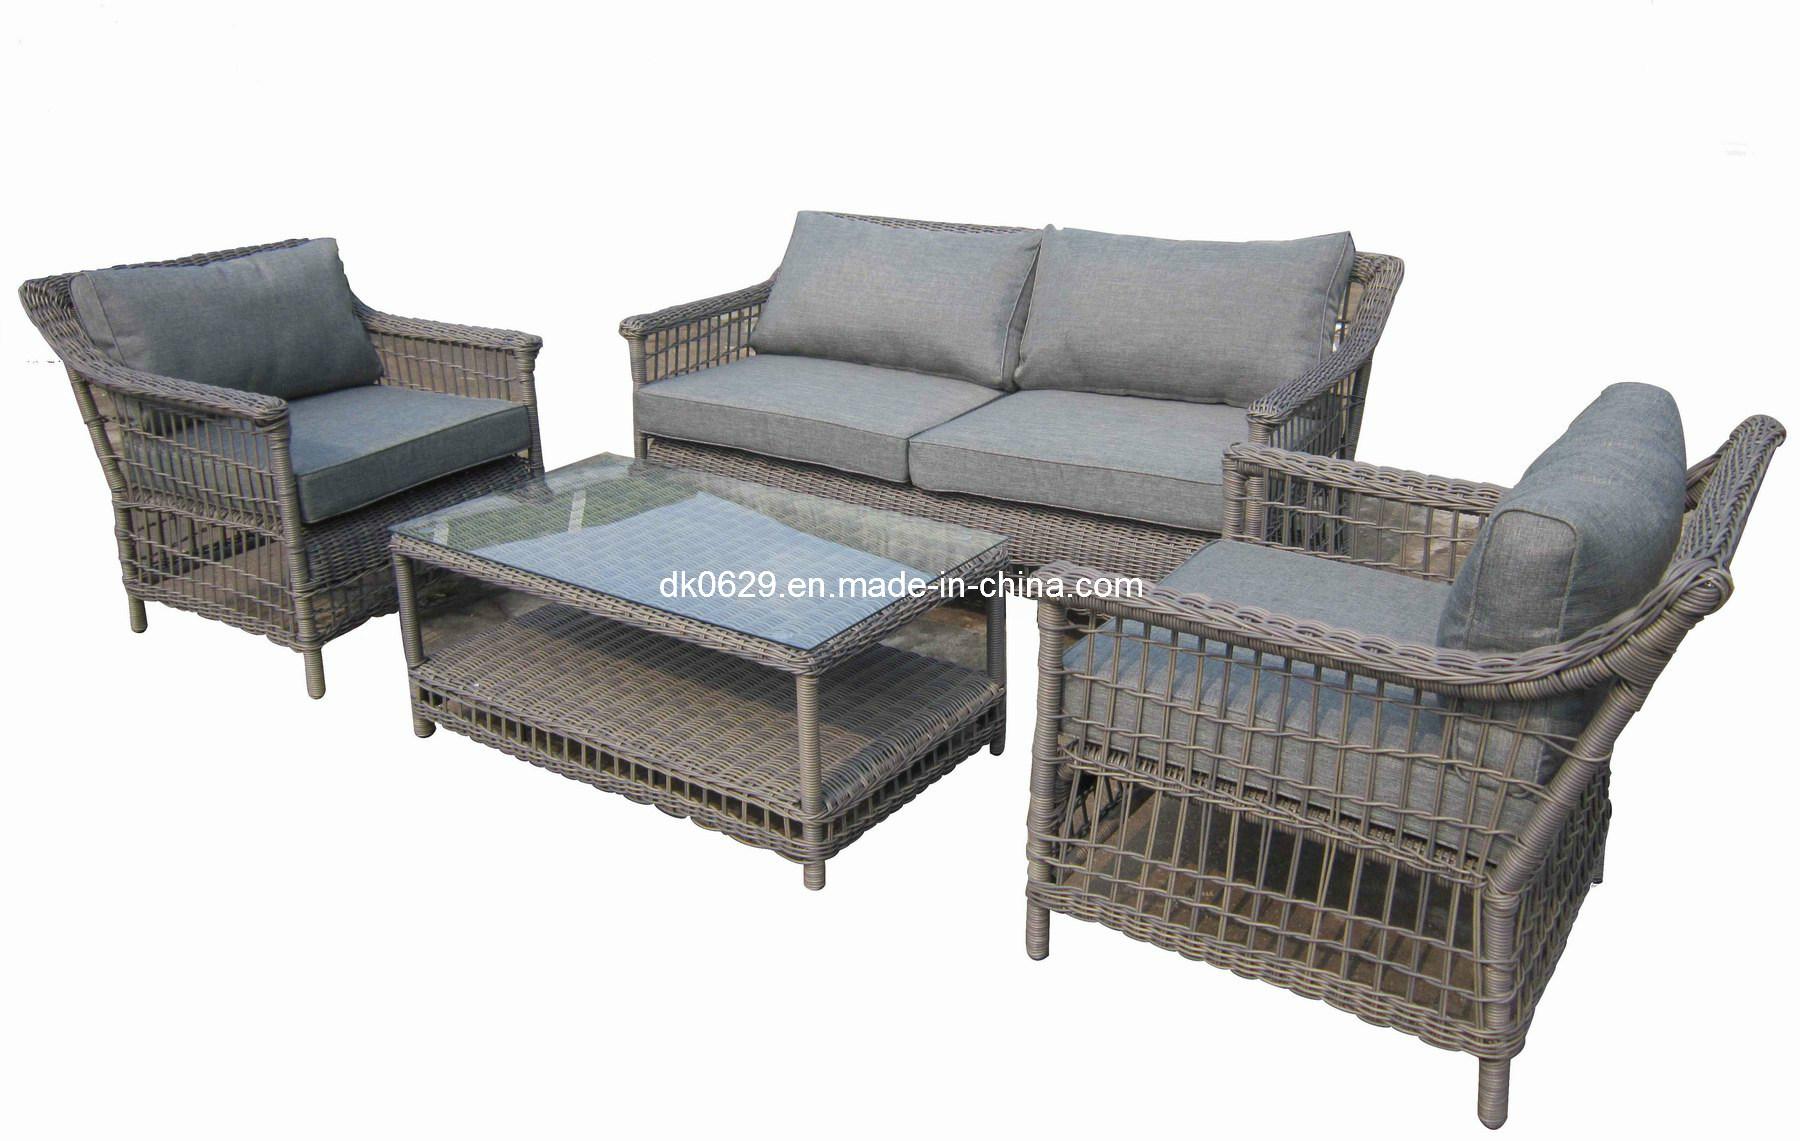 Sofa de rotin de garden de sofa de jardin sofa en osier for Sofas de ratan para jardin